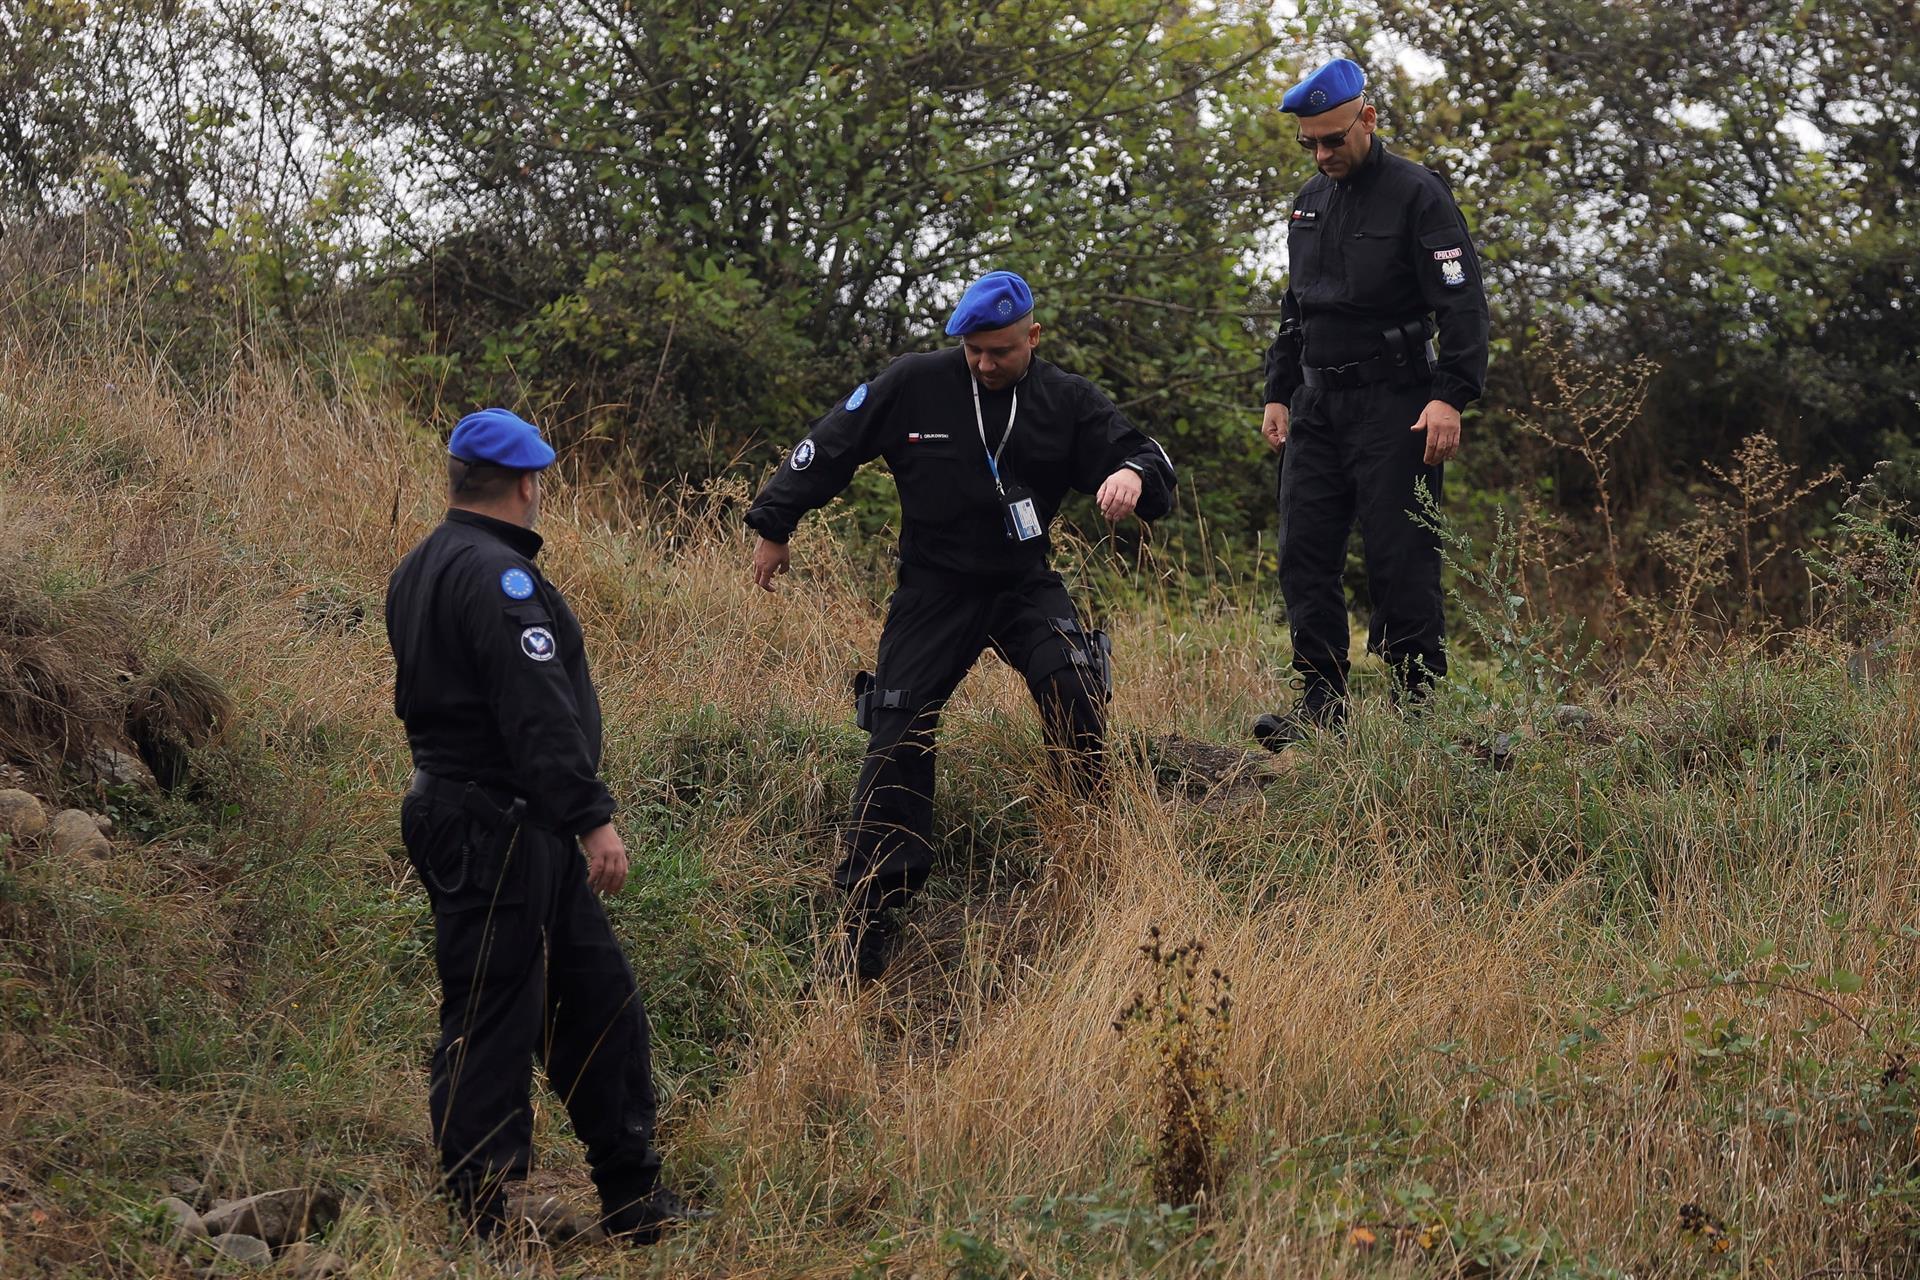 Policías de la misión EULEX de la Unión Europea, en la zona de tensión.